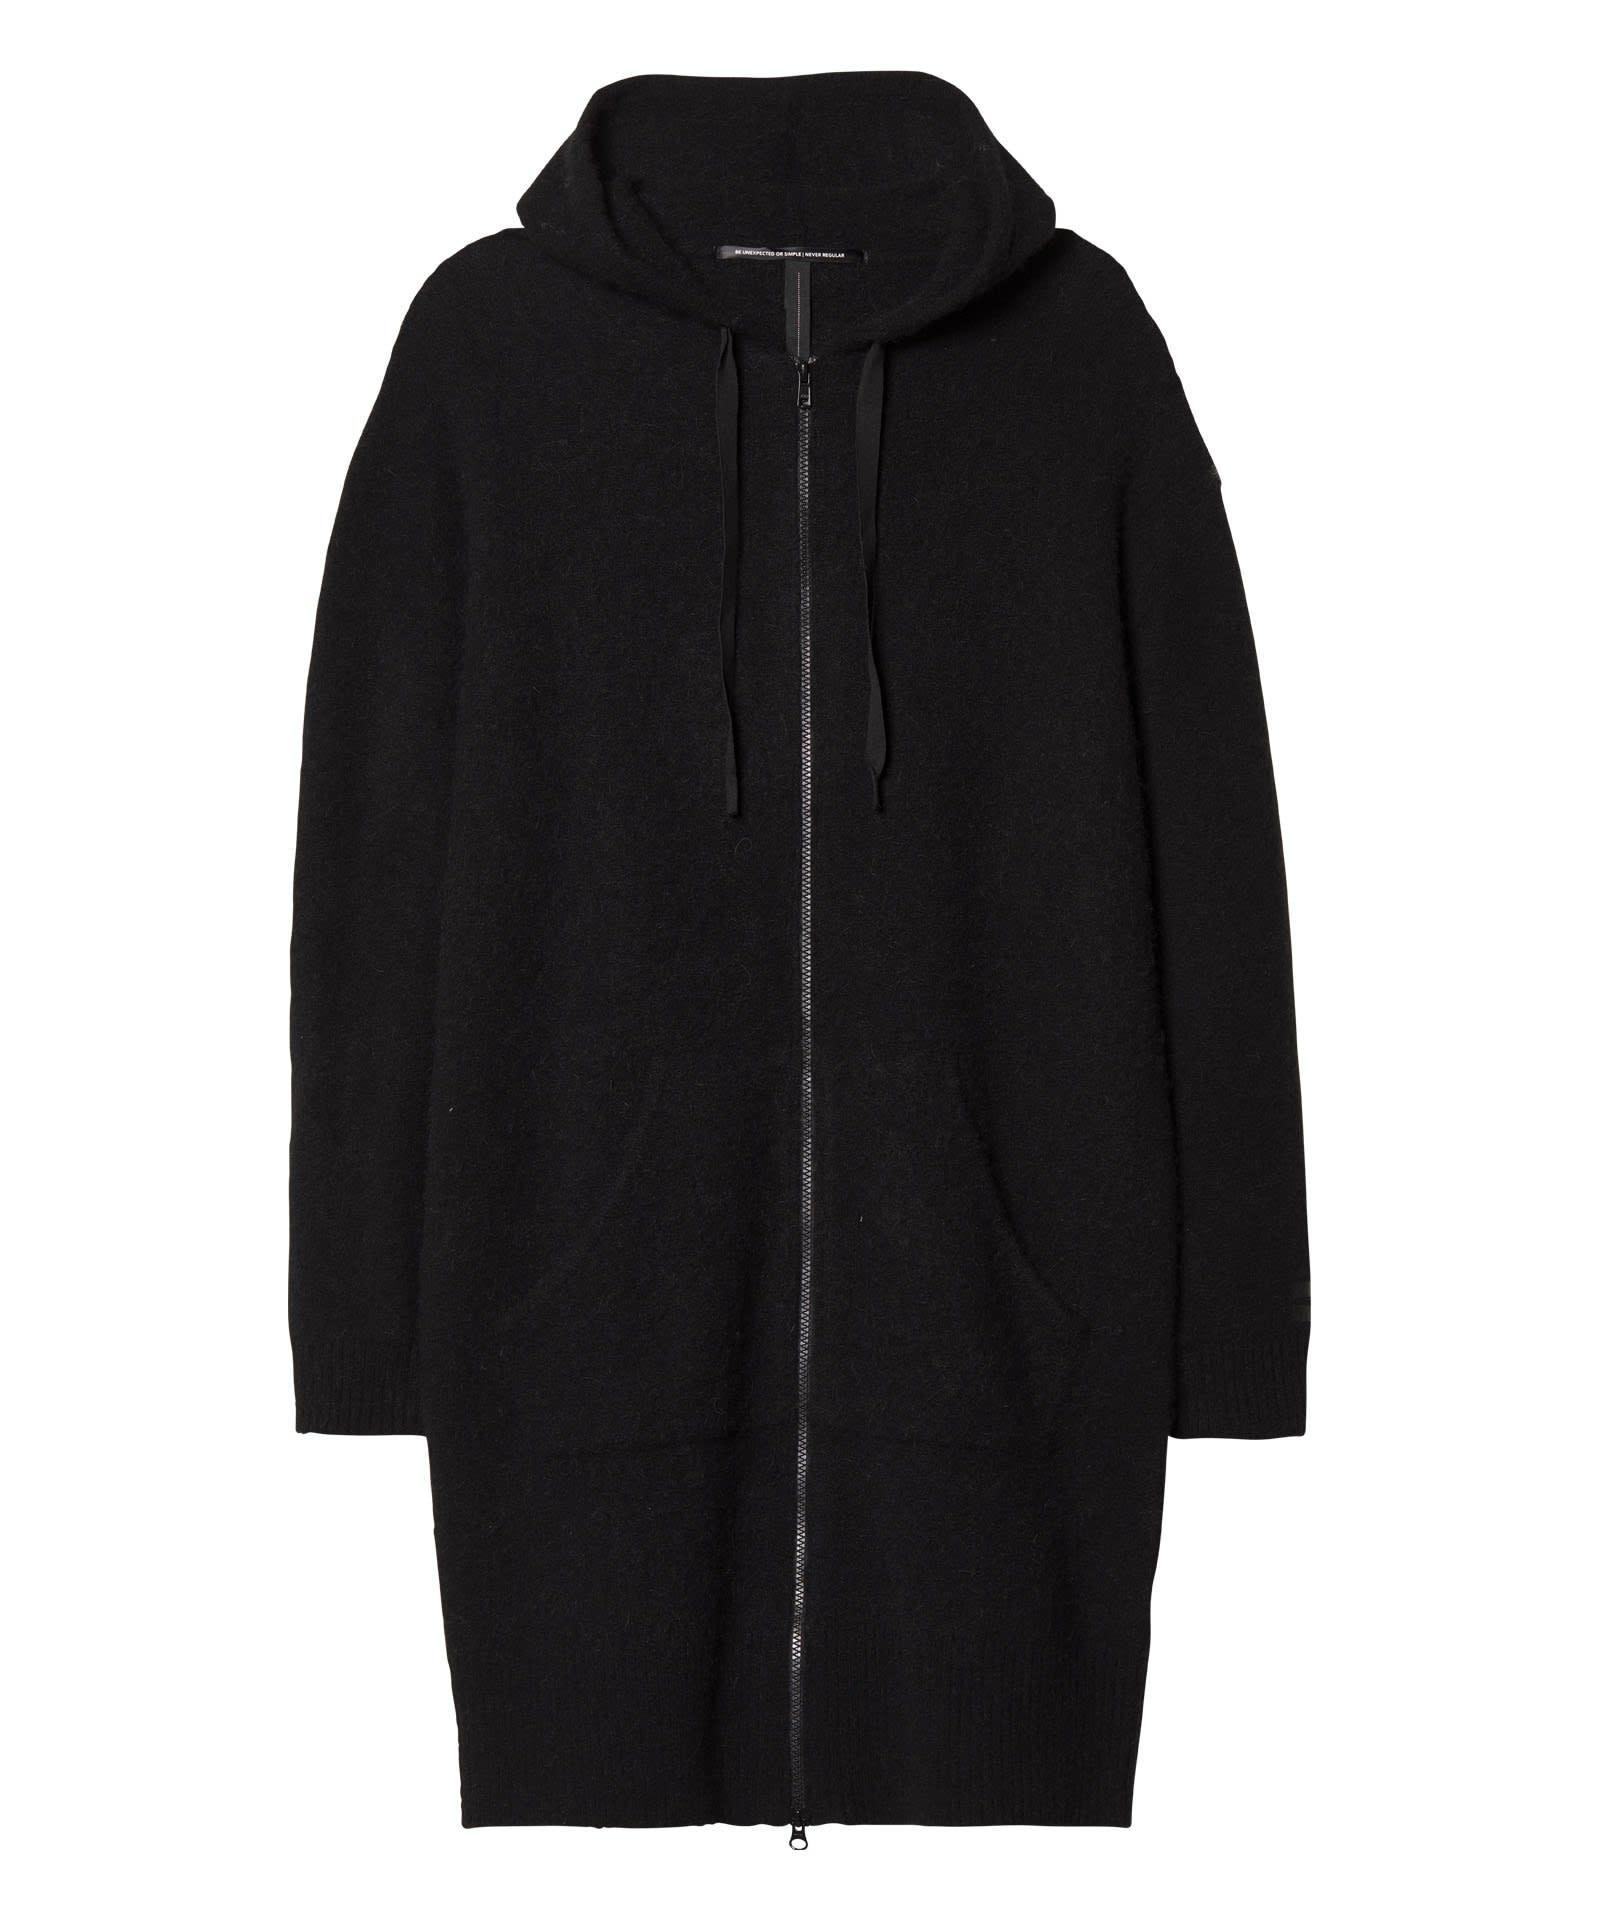 Trui Hoody Merino wool black-1